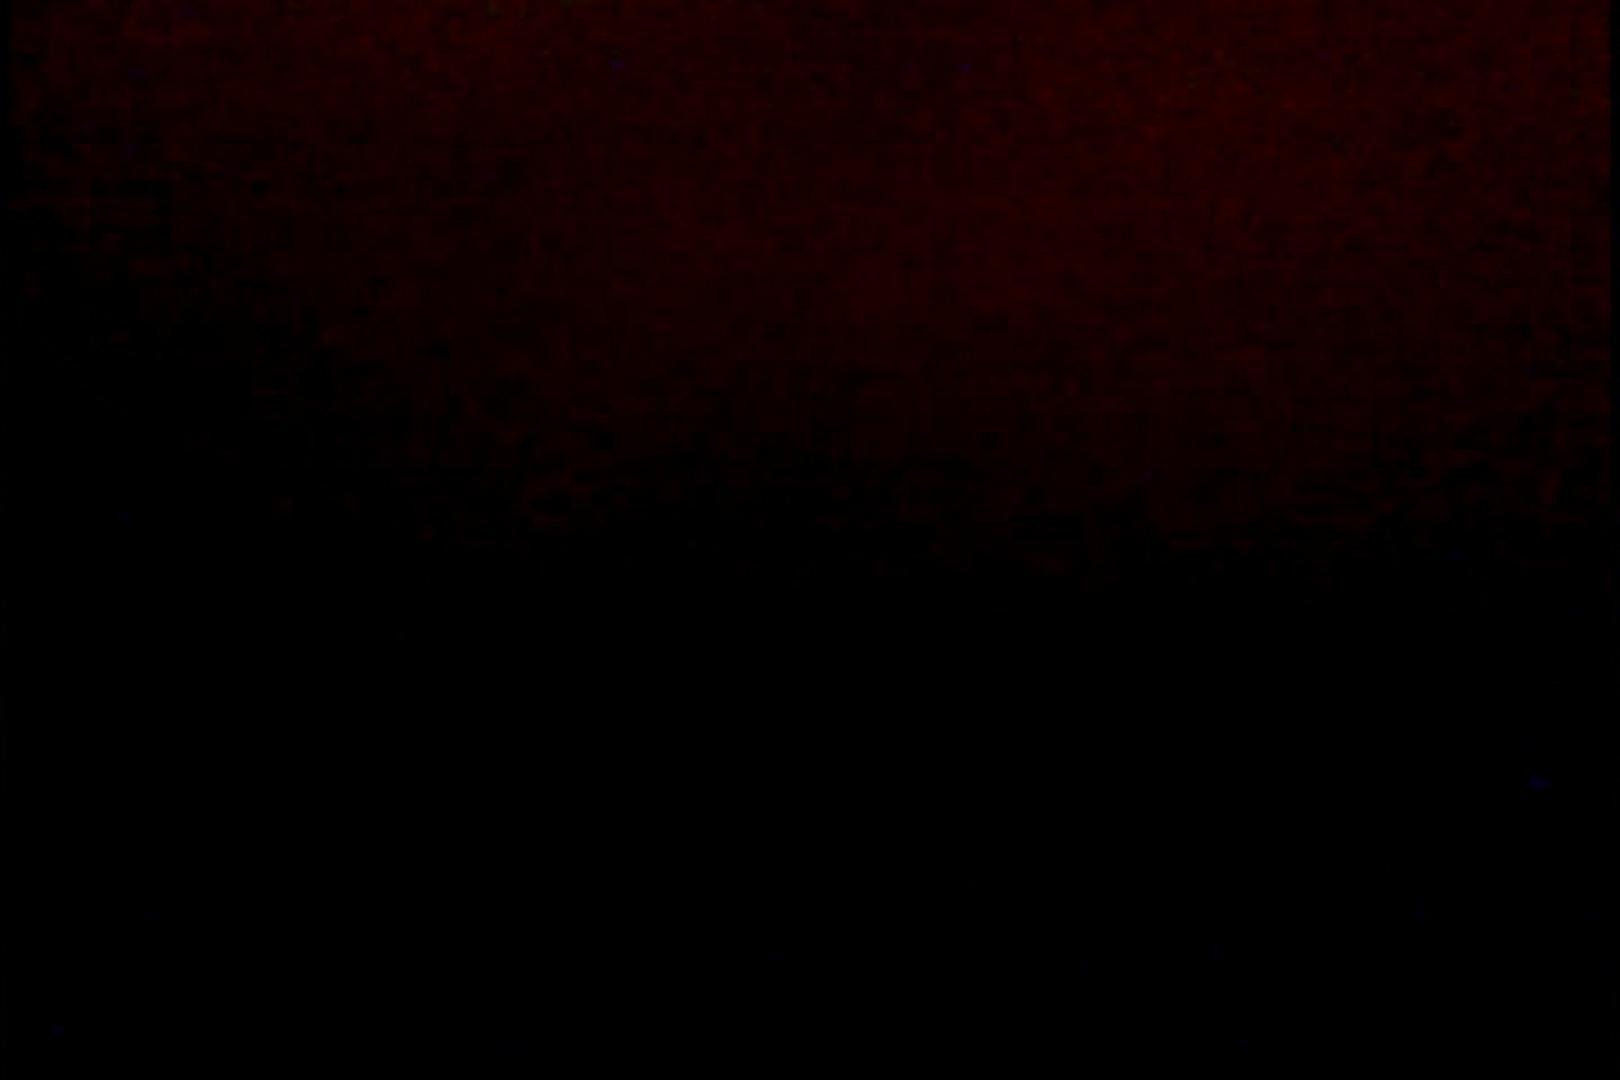 亀さんかわや VIPバージョン! vol.35 潜入 盗撮おめこ無修正動画無料 96連発 9